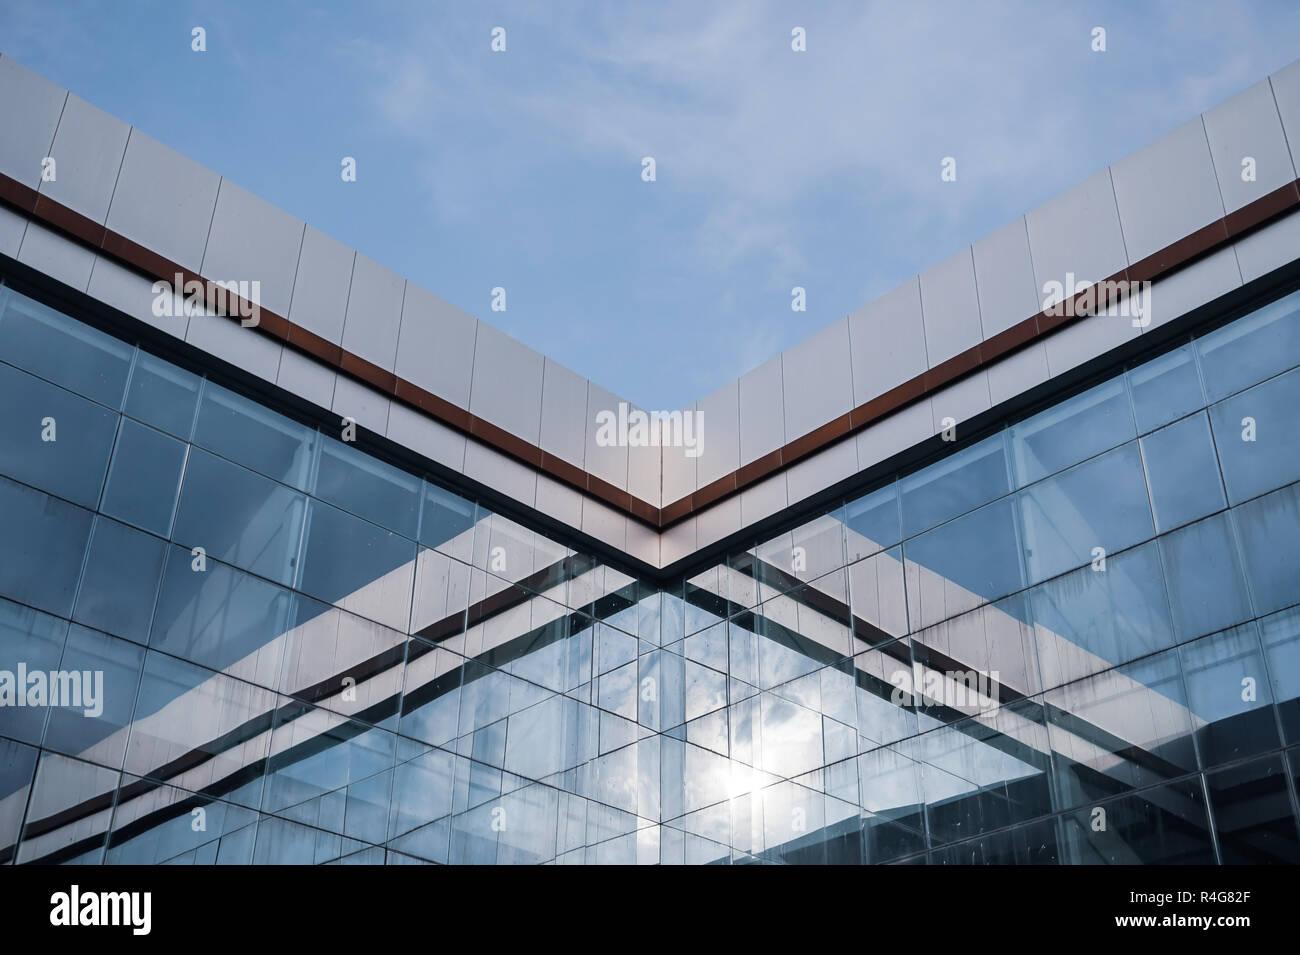 Verspiegeltes Glas Gebäude Stockfoto, Bild: 226550983 - Alamy